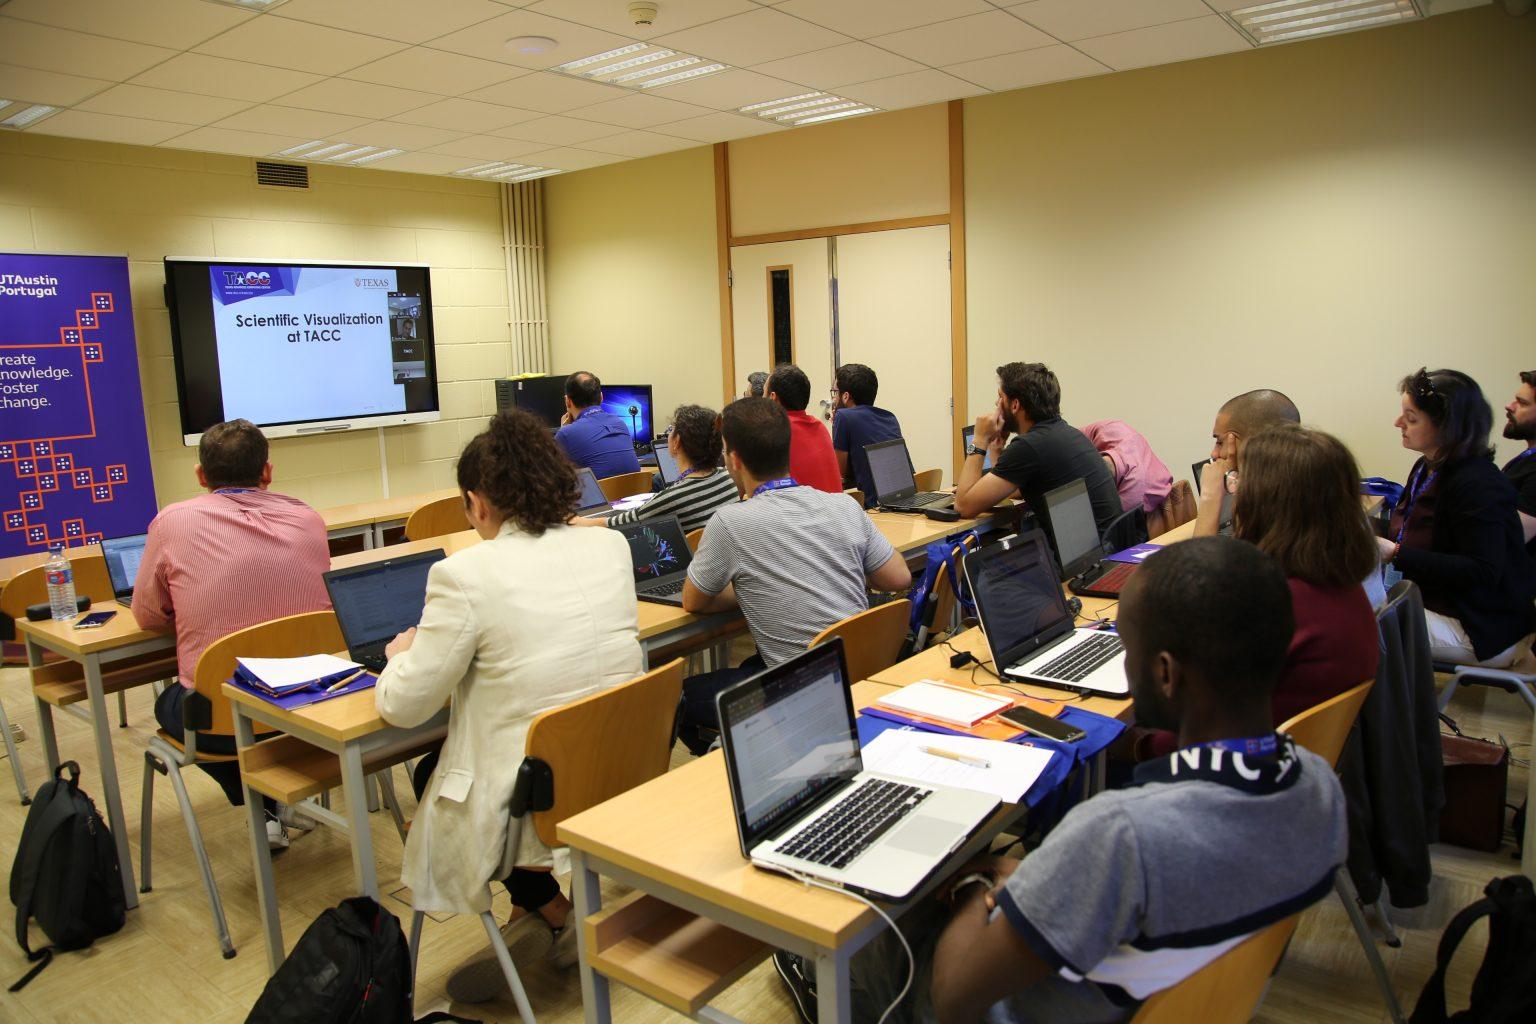 Immersive Training in Advanced Scientific Visualization